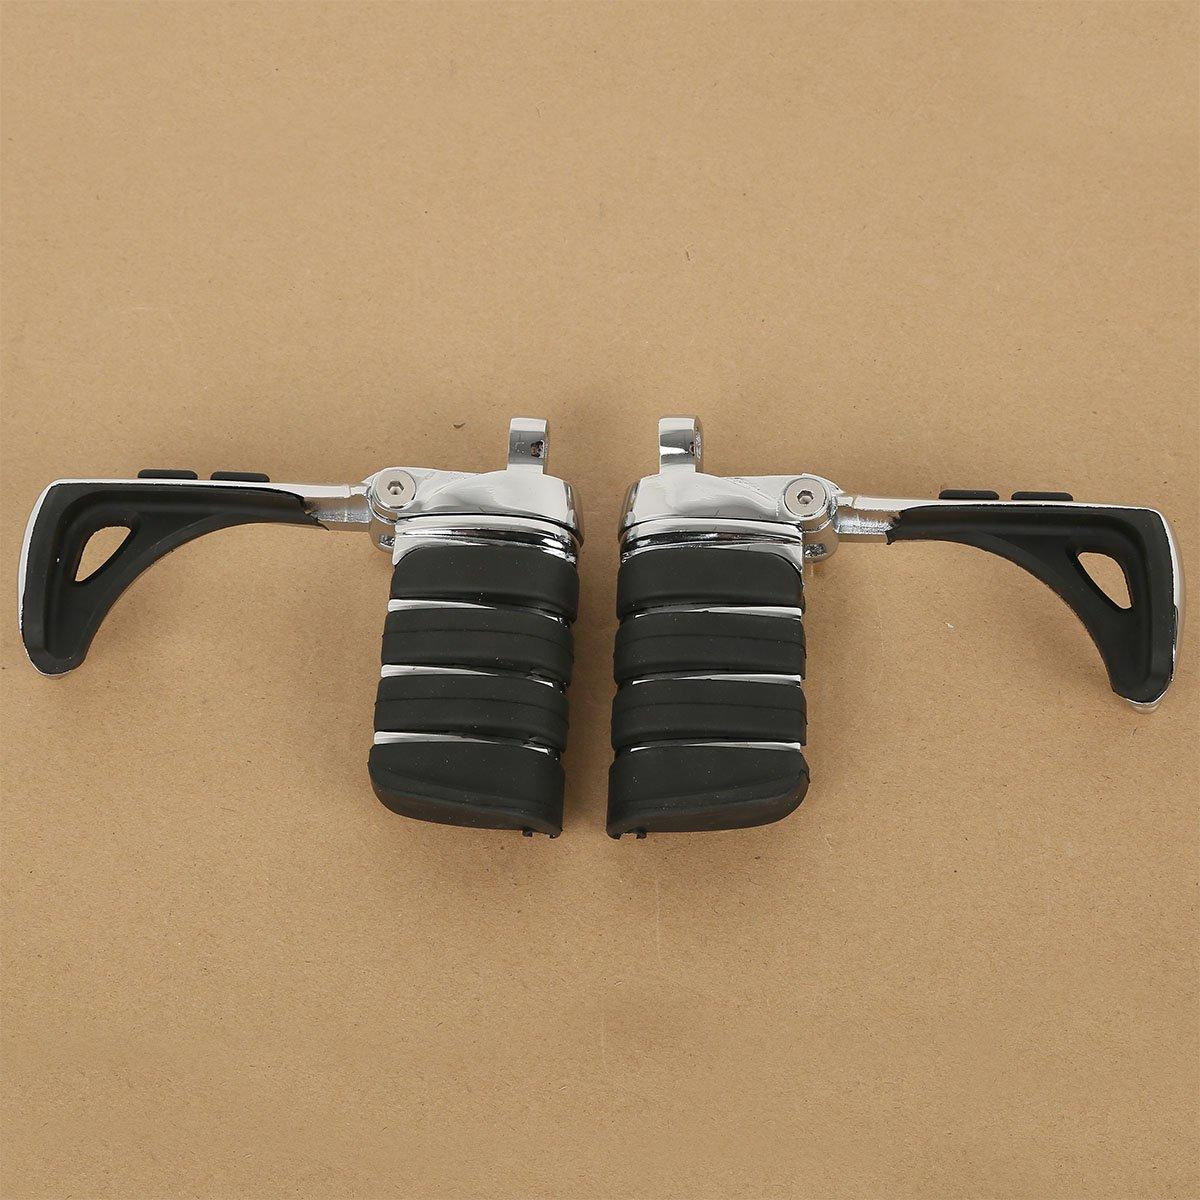 Metal Cromo Tiger 2827.2.03.46 Portavaso Doble y Vaso de Pared 10.5 x 16.5 x 11.5 cm